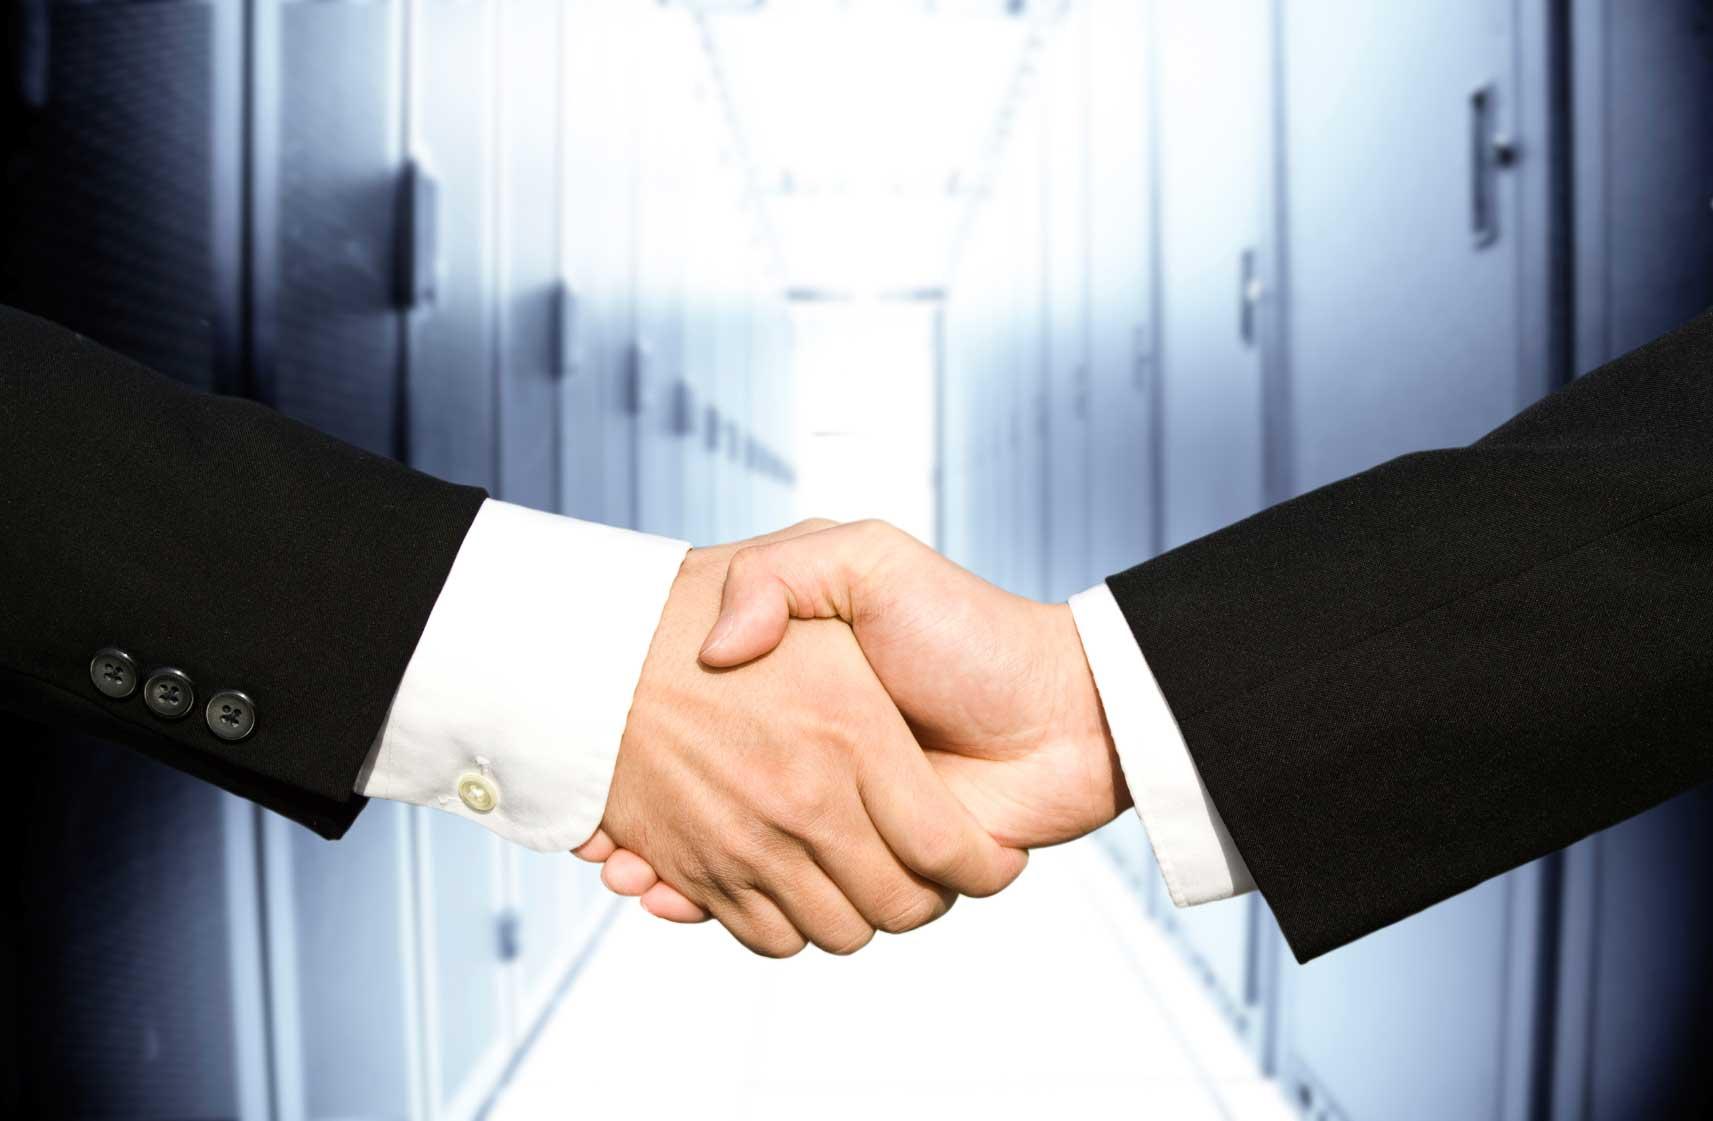 Şirket birleşmeleri ve satın almaları (Mergers & Acquisitions - M&A) danışmanlığı konusunda Türkiye'nin önde gelen isimlerinden Kerim Kotan, Türkiye'nin rekabet gücünün tam anlamıyla uluslararası arenaya taşınması için ortaklık vurgusu yaptı